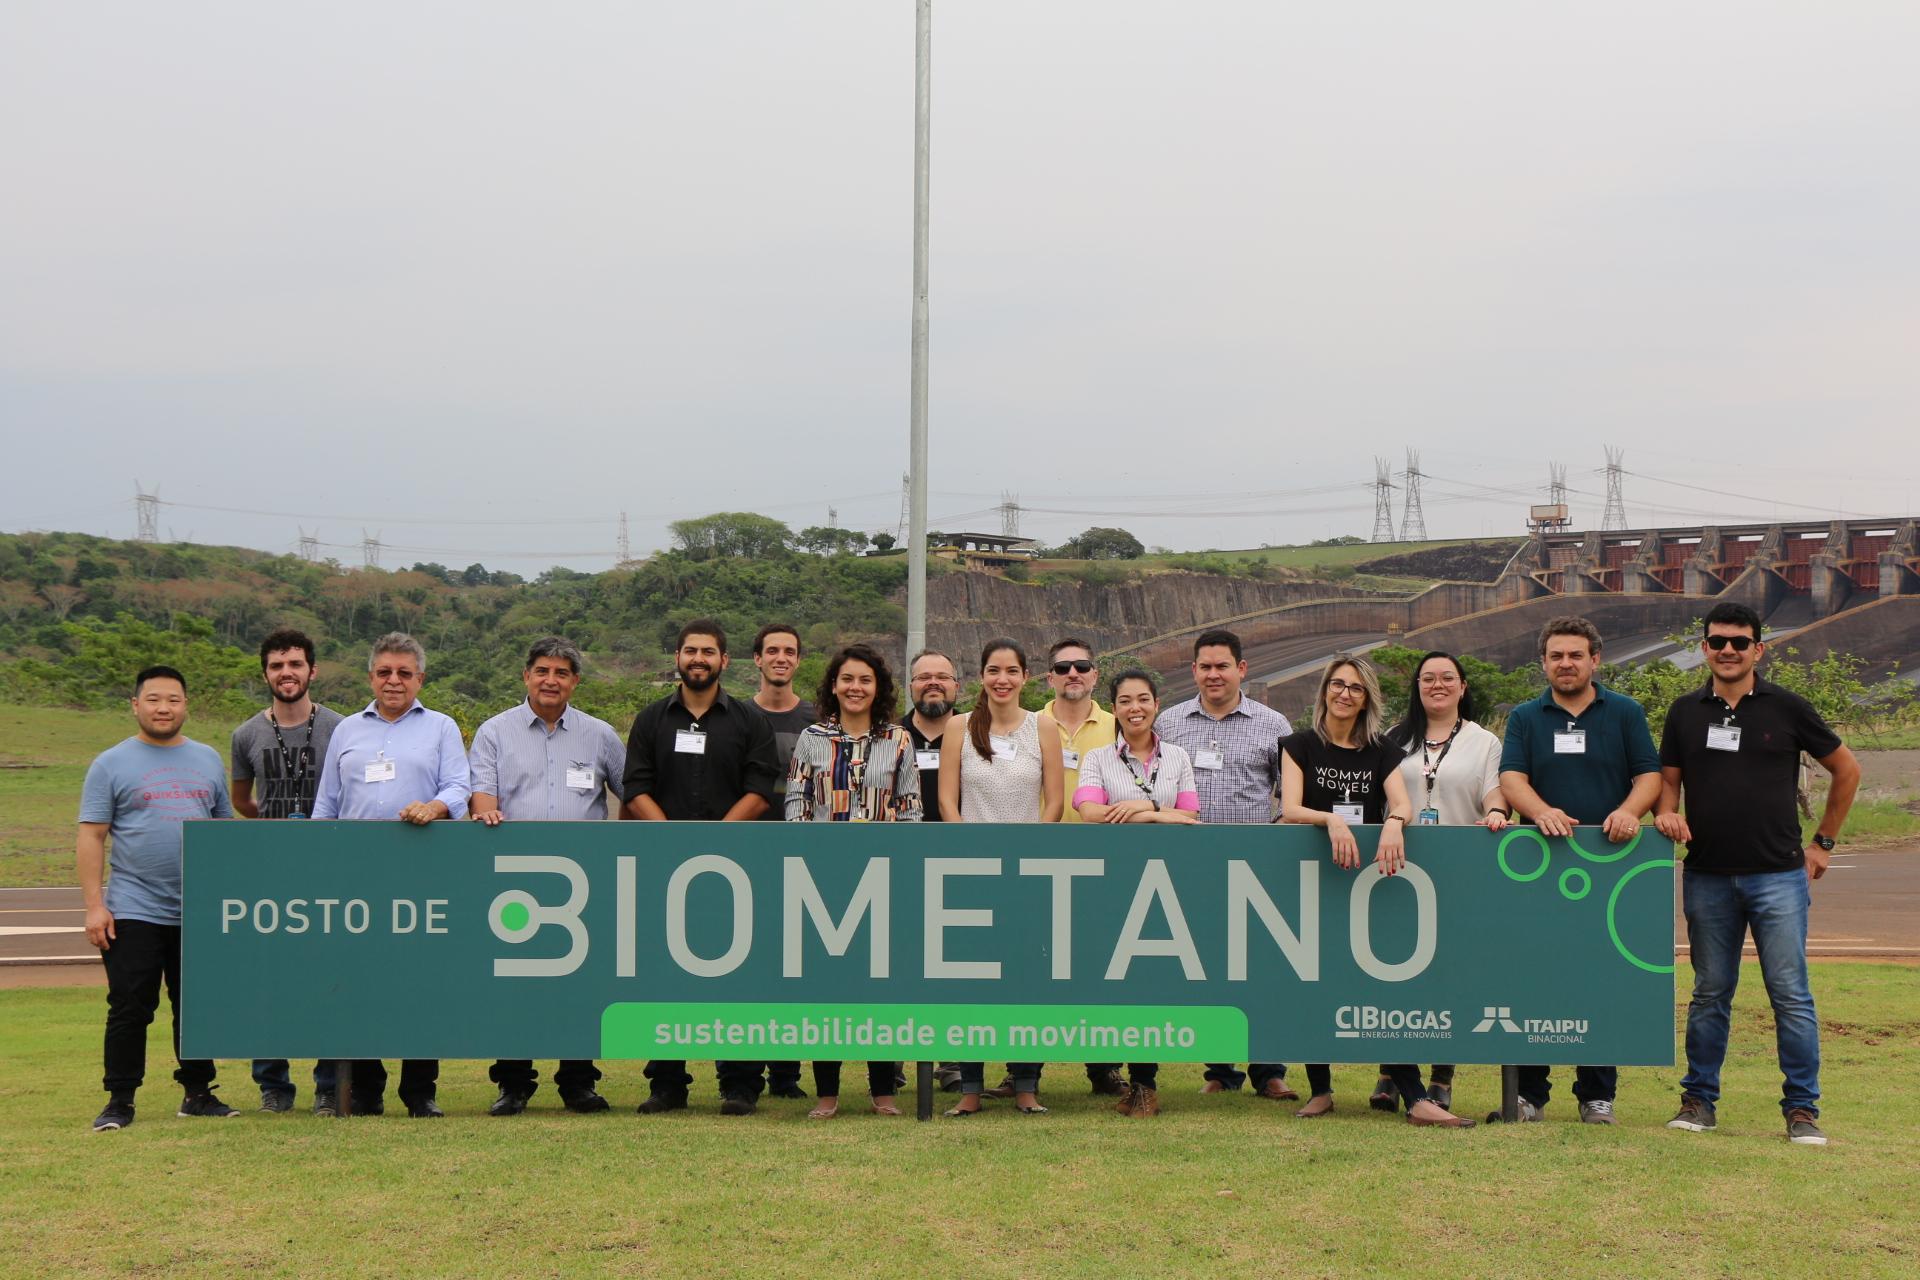 Treinamento realizado em 2019 nas dependências do CIBiogás e complexo da Itaipu Binacional.